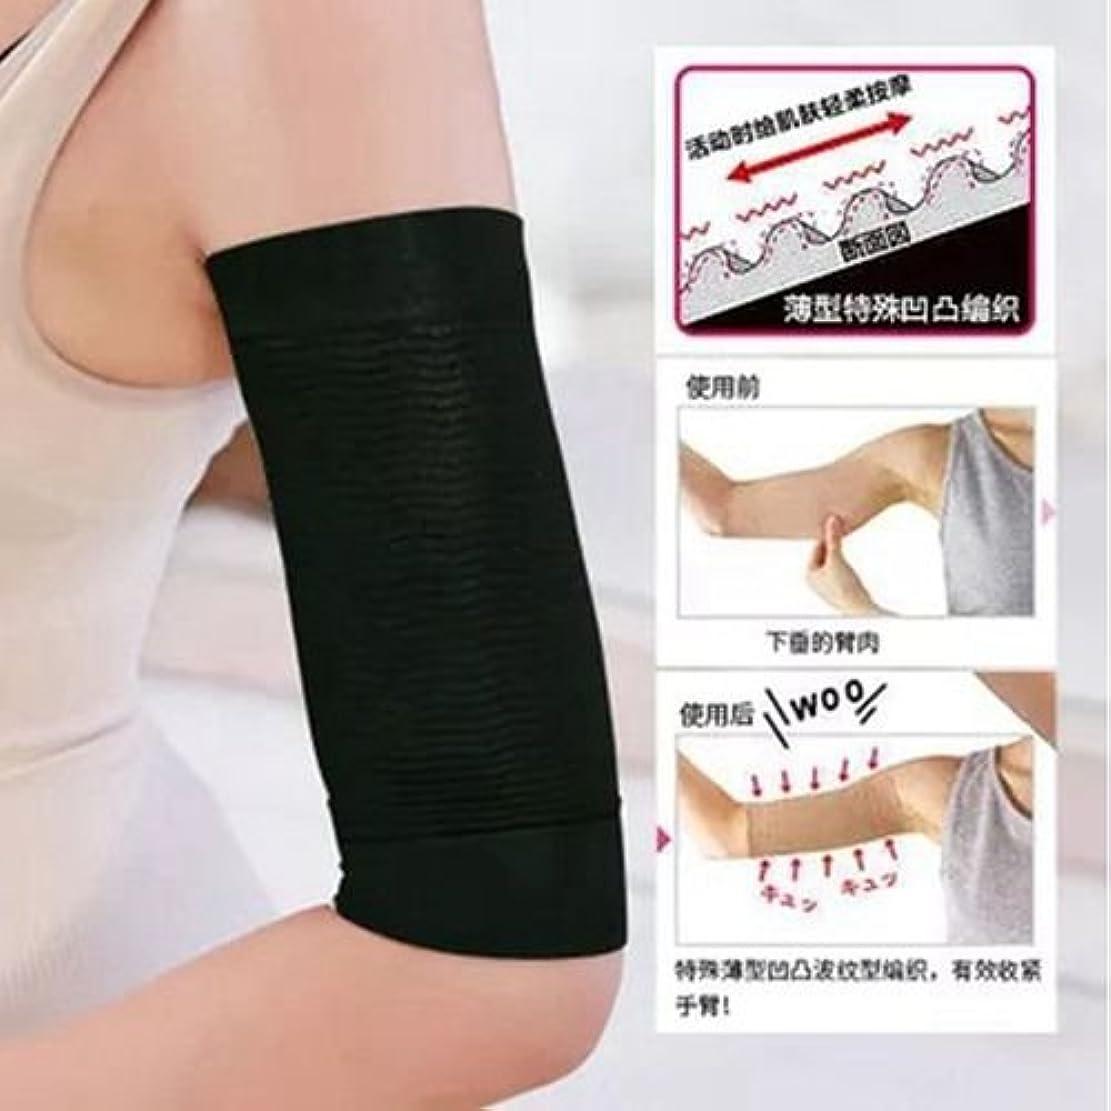 著者ロンドン欲求不満ThreeCat ダイエット 腕2枚組 420D マッサージ 脂肪燃焼 バストアップレディース 女性 二の腕シェイパー size 20~30cm (ベージュ)